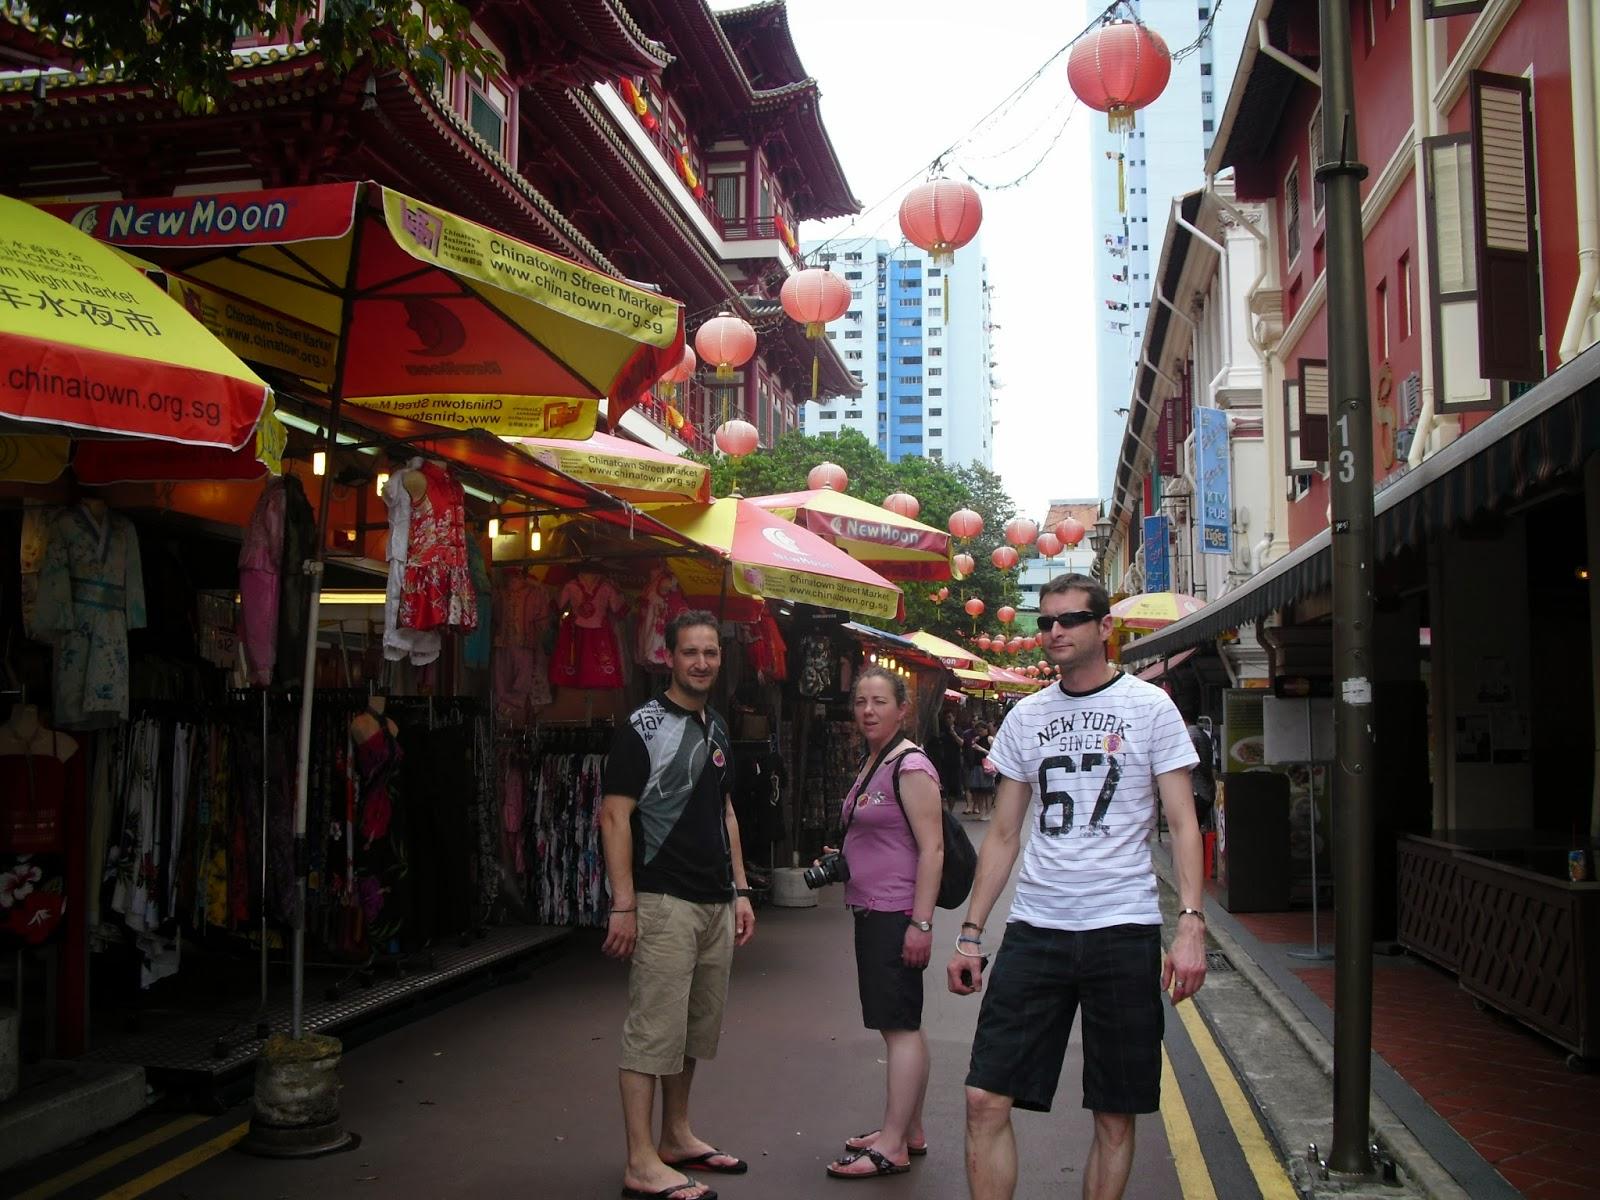 singapur, singapore barrio chino